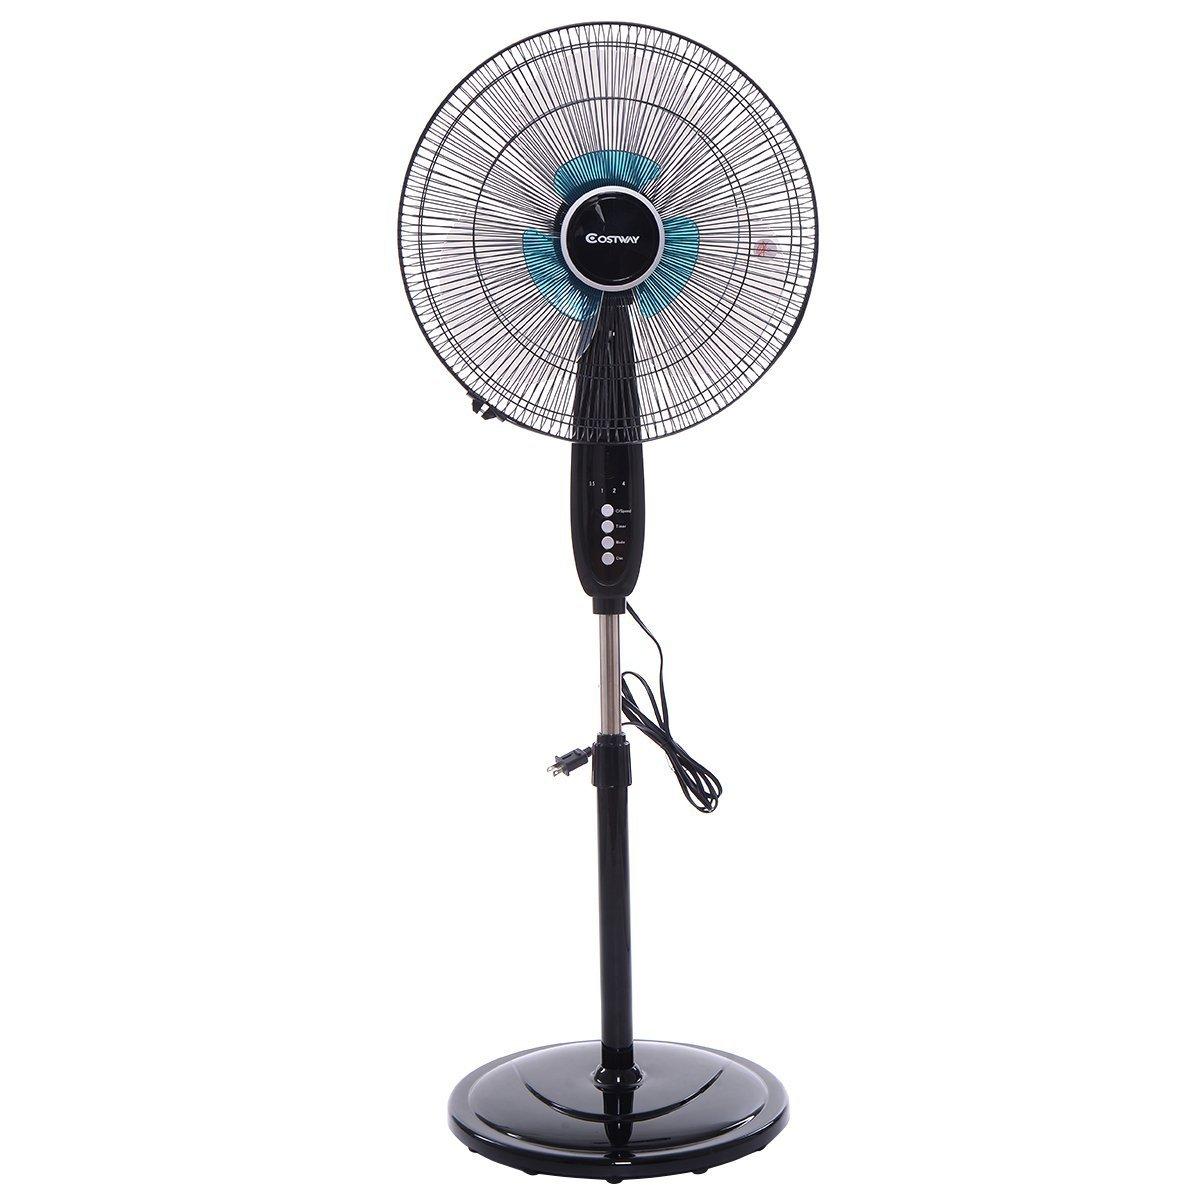 Costway Adjustable Pedestal Fan 3-Speed